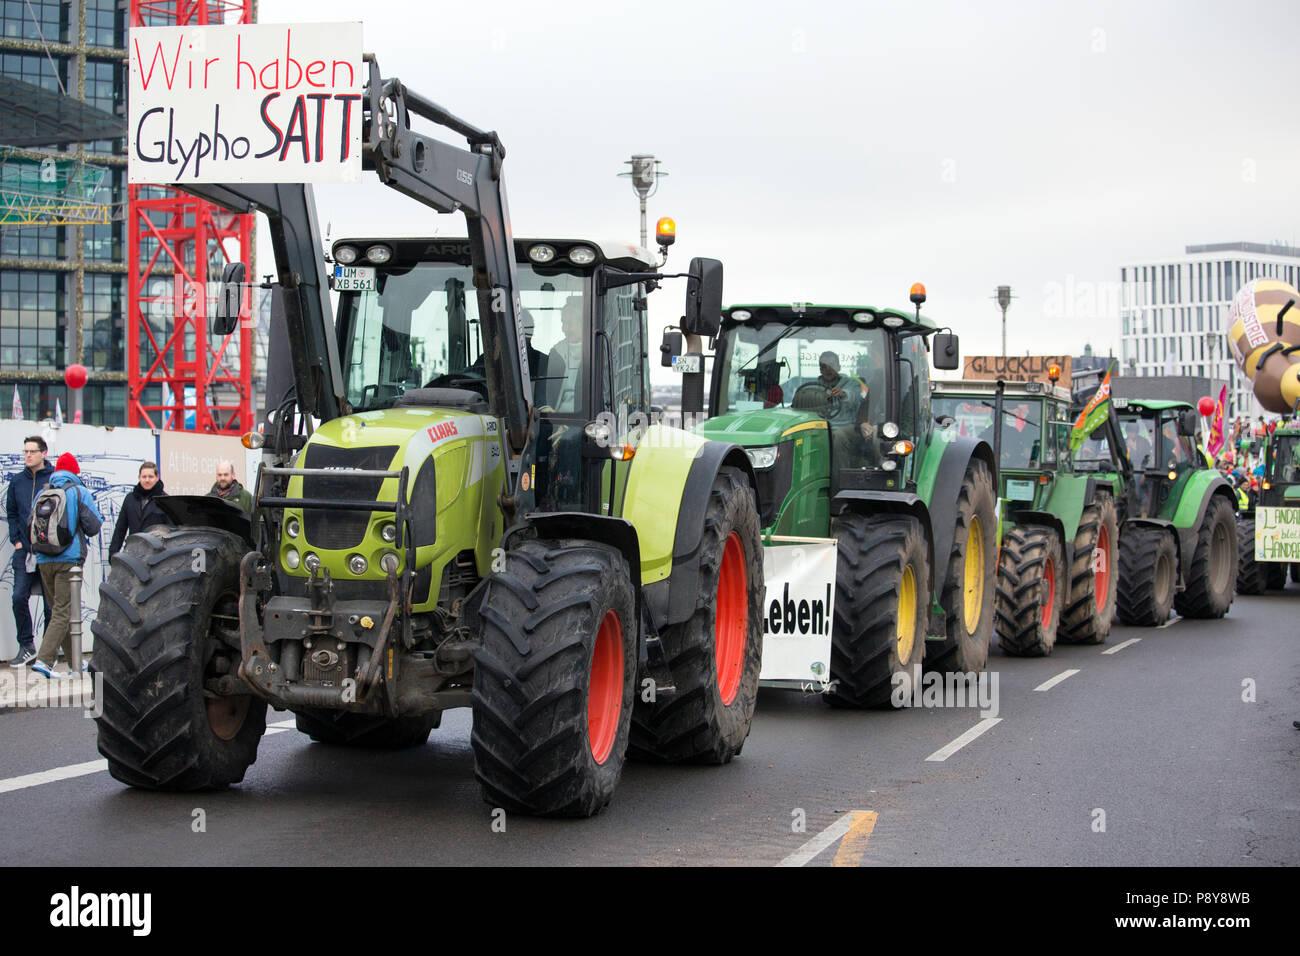 Berlín, Alemania, los agricultores protestaban en la demo - estamos enfermos! Imagen De Stock